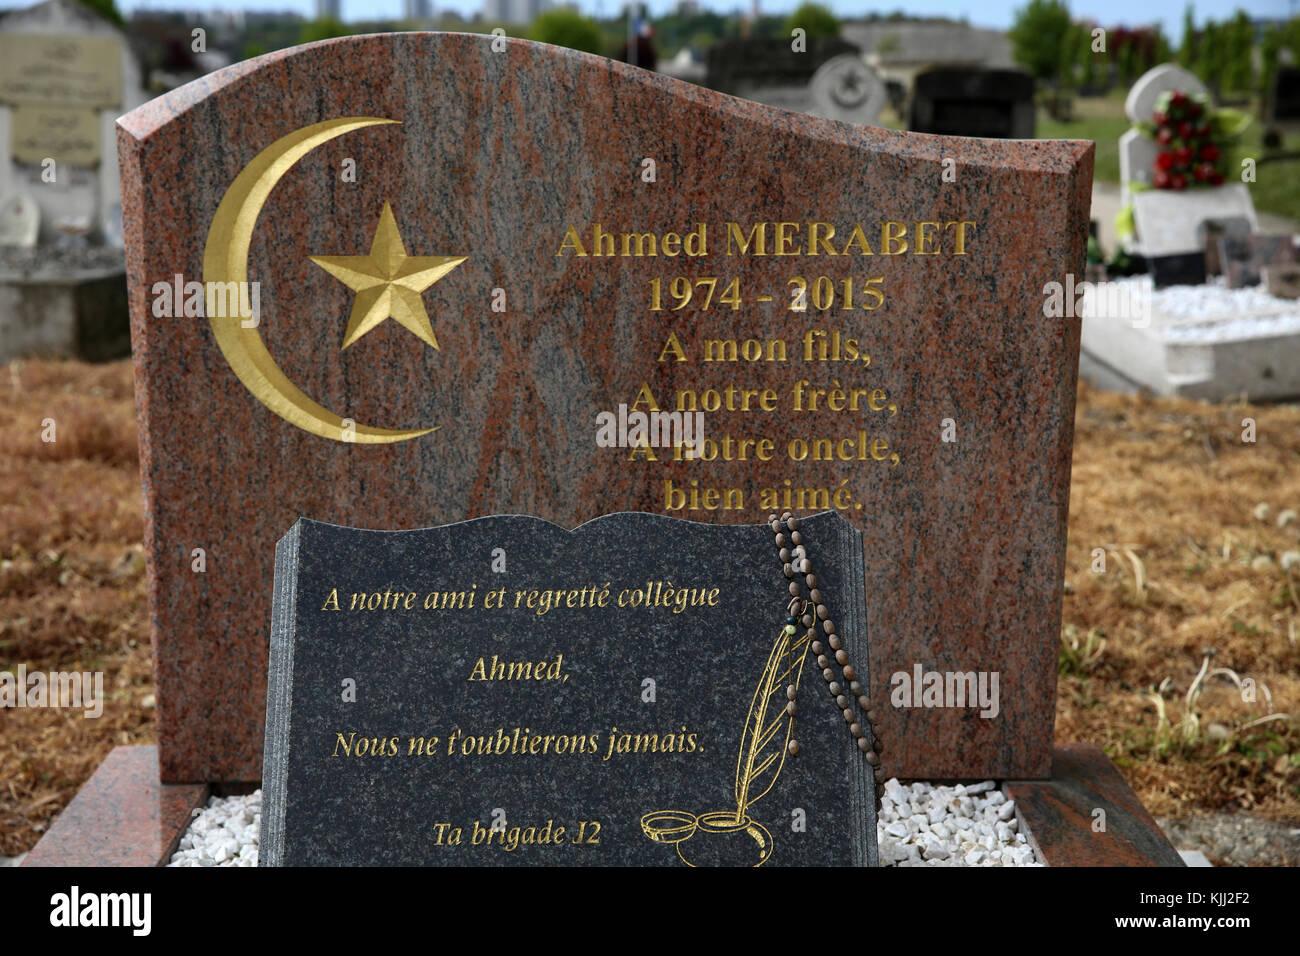 Cementerio musulmán en Bobigny, Francia. Ahmet Merabet's grave (la primera víctima de las matanzas Imagen De Stock